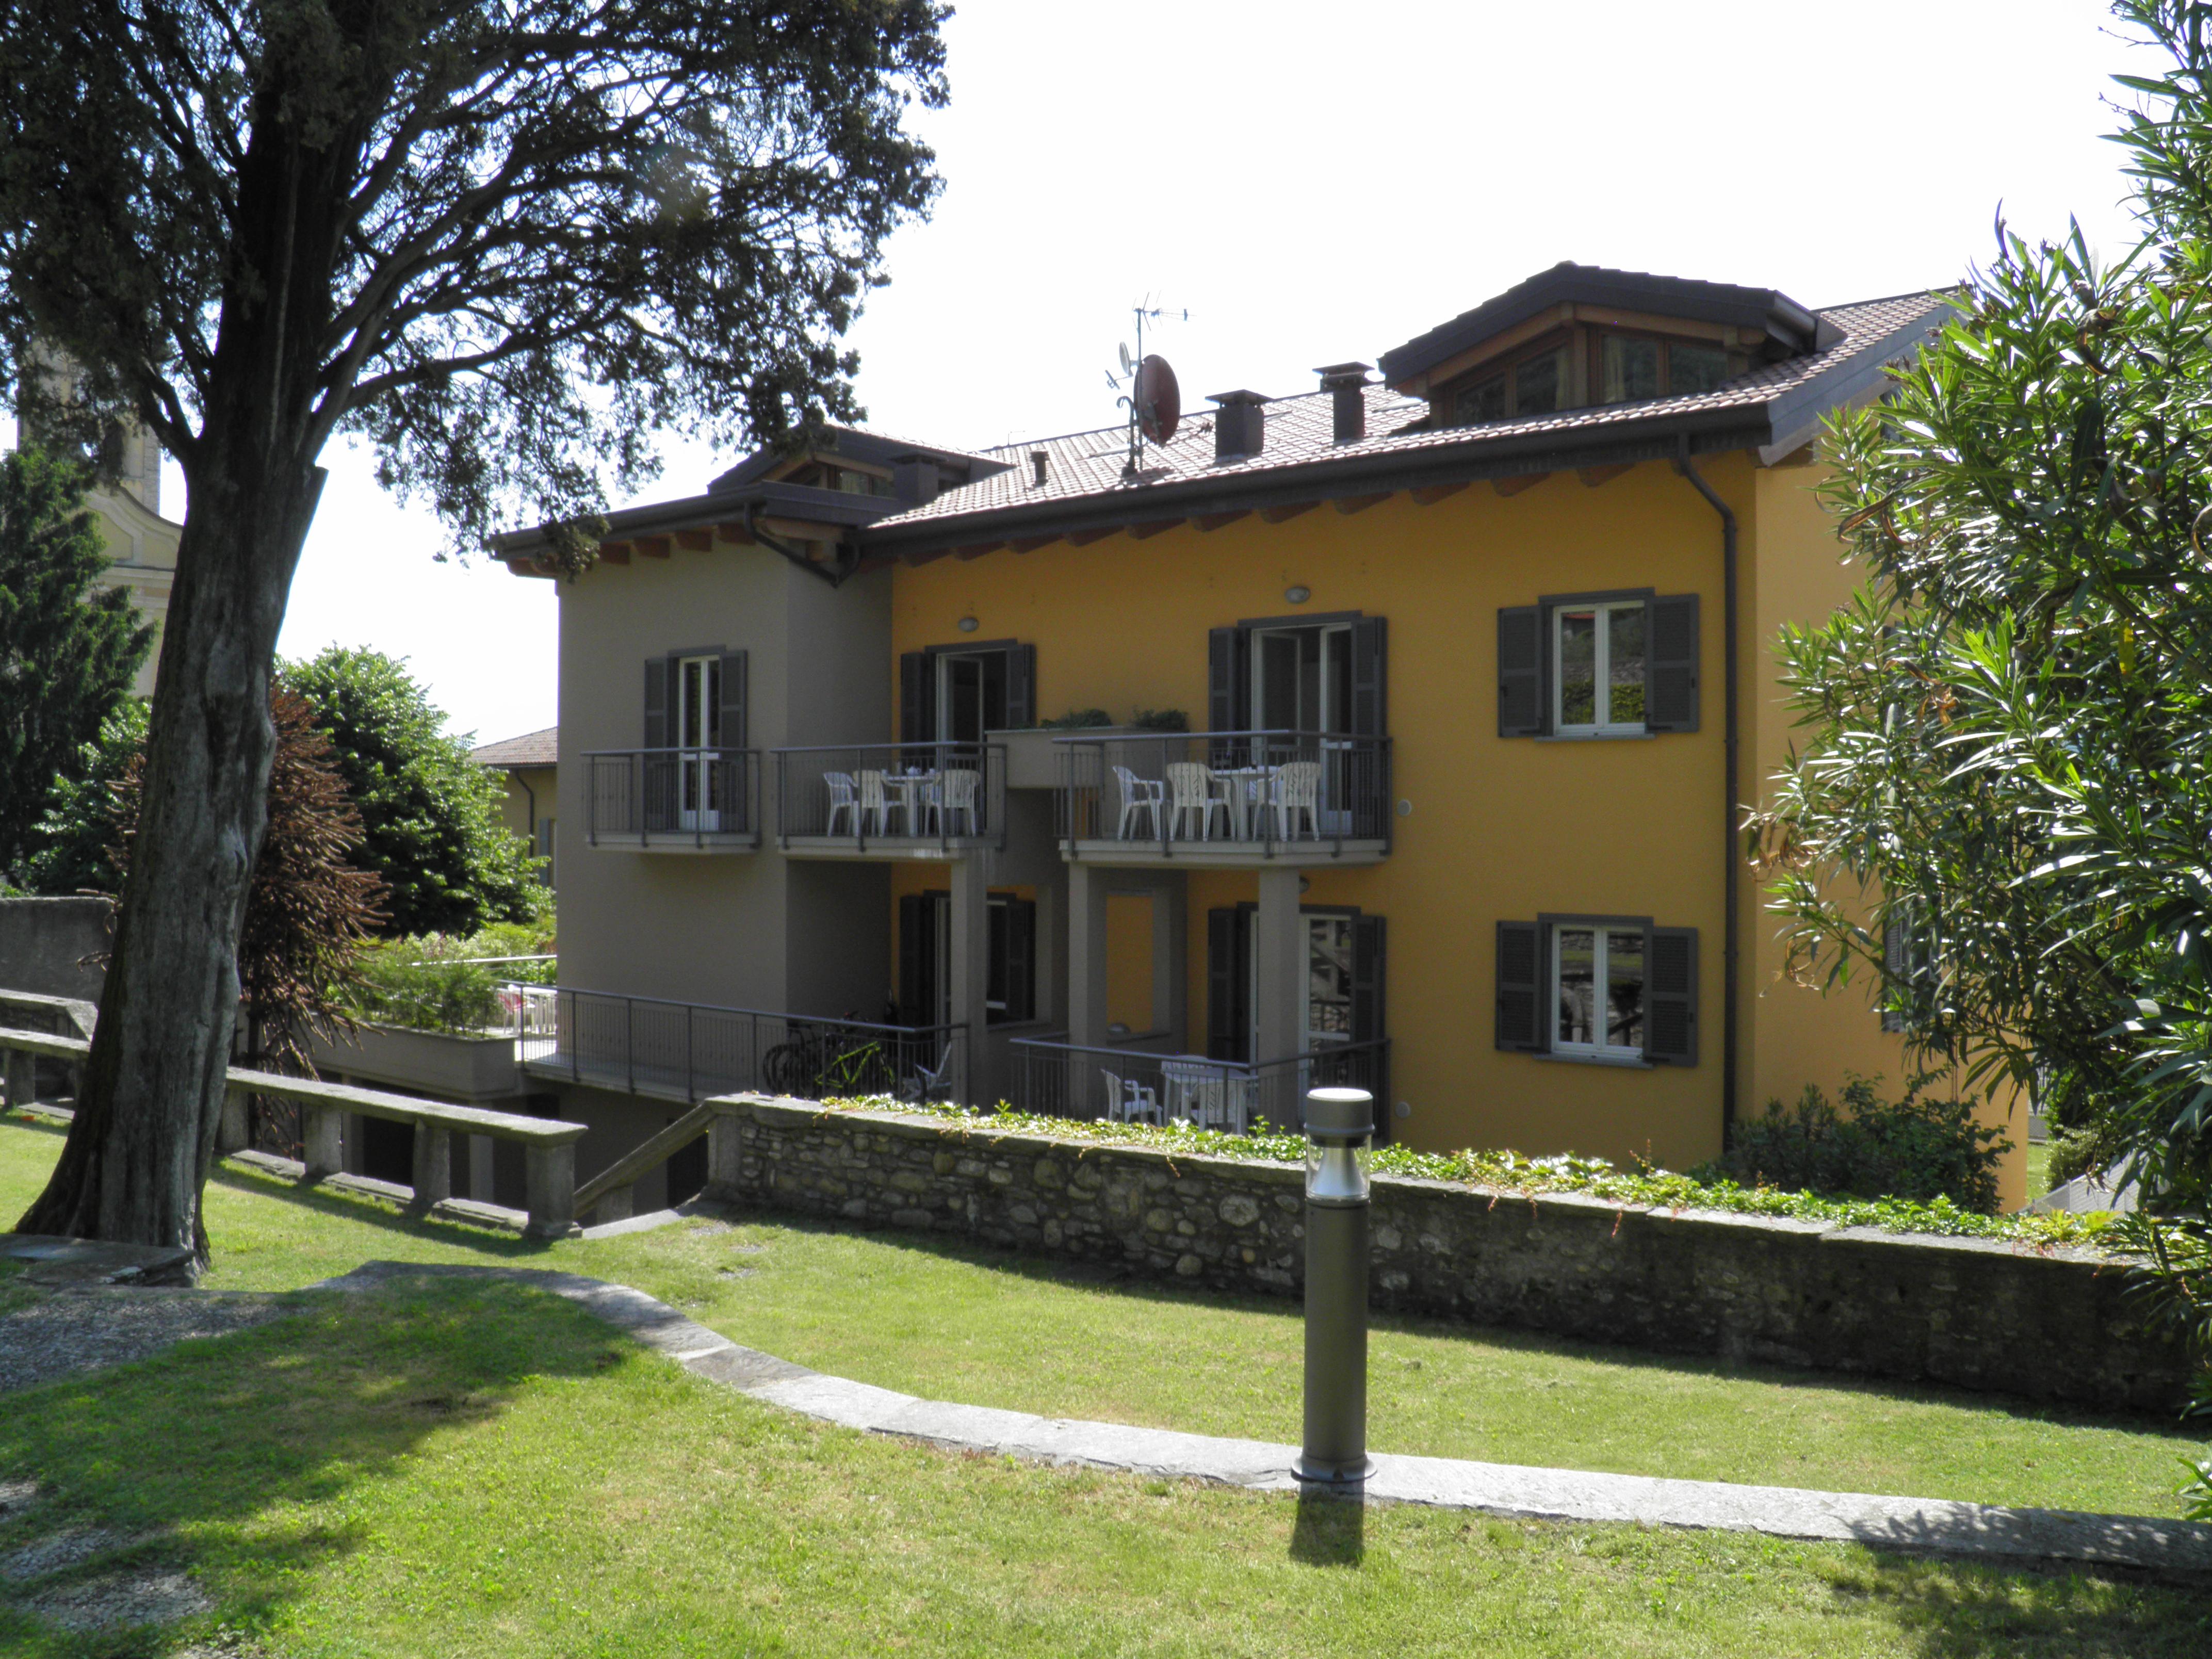 Bilder Ferienwohnung Comer See Cedro_207_Domaso_56_Haus in Lombardei